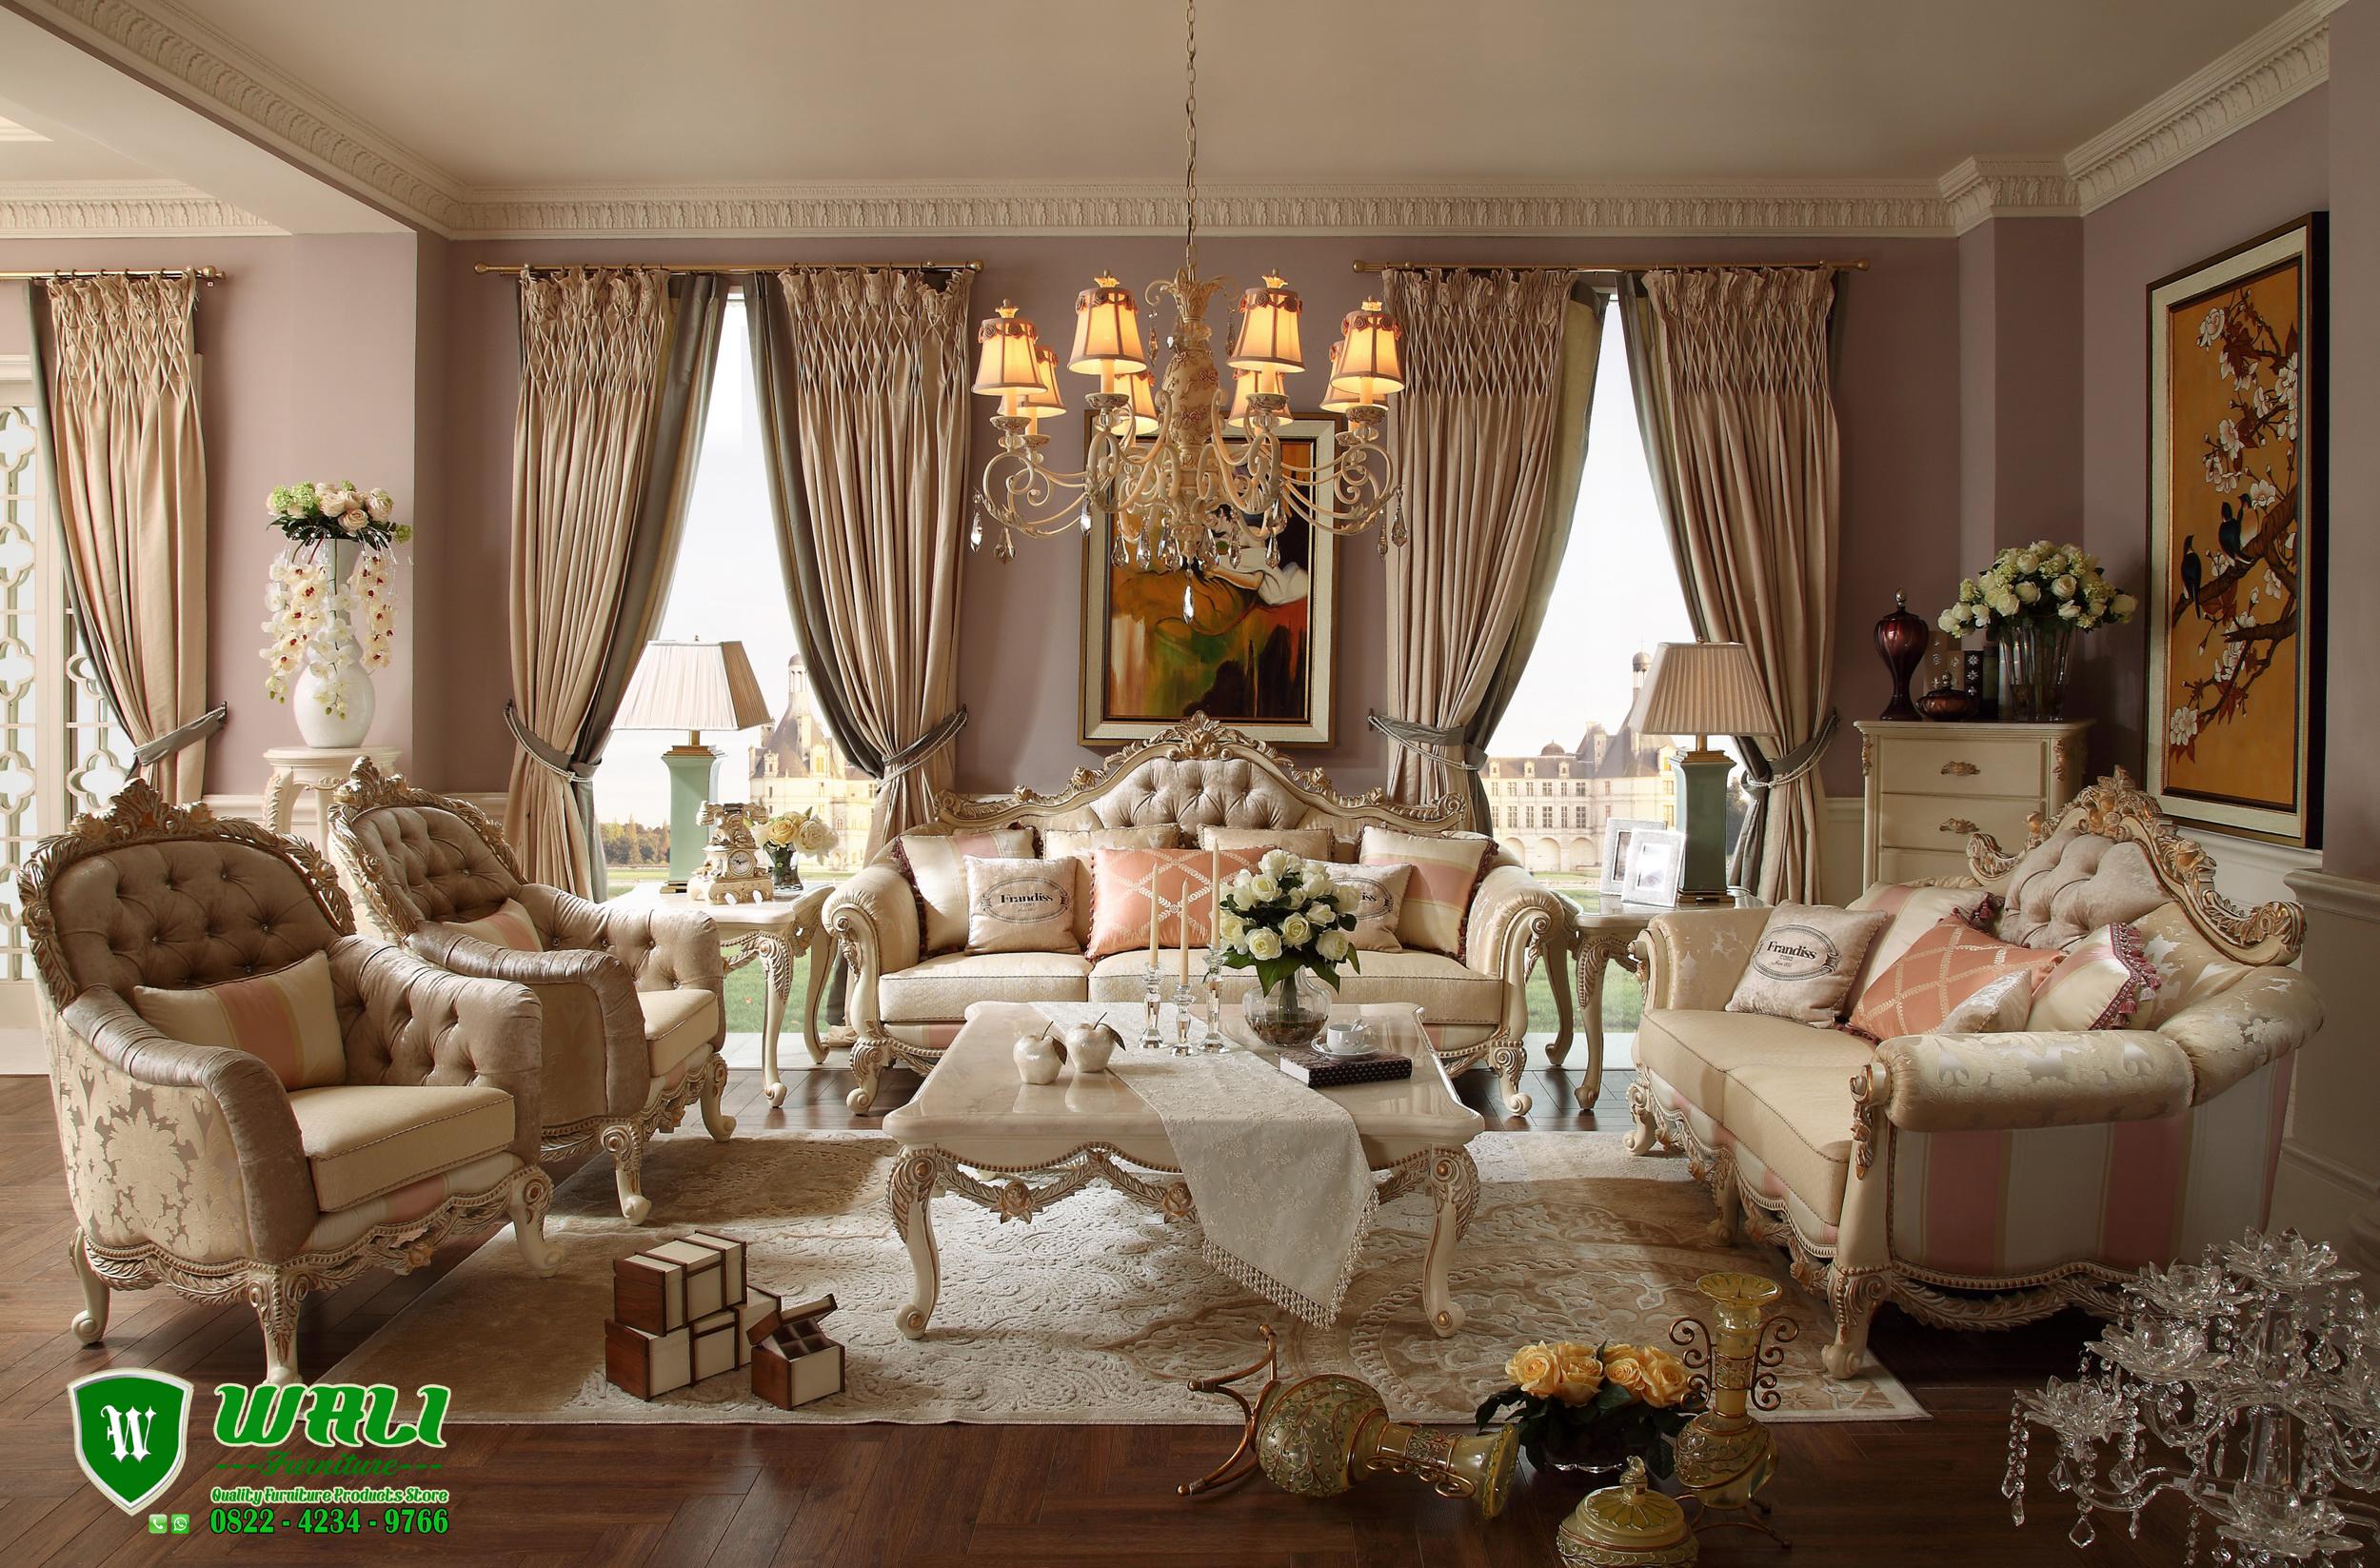 Set Kursi Mewah Ruang Tamu Duco Elegan Model Eropa, Kursi Tamu Mewah, Sofa Tamu Mewah, Sofa Tamu Ukiran, Sofa Tamu Ukiran Mewah, Kursi Tamu Model Eropa, Model Kursi Kayu, Kursi Ruang Tamu, Sofa Ruang Tamu, Desain Kursi Tamu, Contoh Meja Kursi Tamu, Ruang Tamu Ukuran Besar, Gambar Ruang Tamu Mewah, Desain Ruang Tamu Mewah, Living Room Mewah, Supplier Kursi Tamu, Pengarajin Kursi Tamu, Produsen Kursi Tamu, Katalog Kursi Tamu Jepara, Katalog Sofa Ruang Tamu, Mebel Mewah Jepara, Wali Furniture